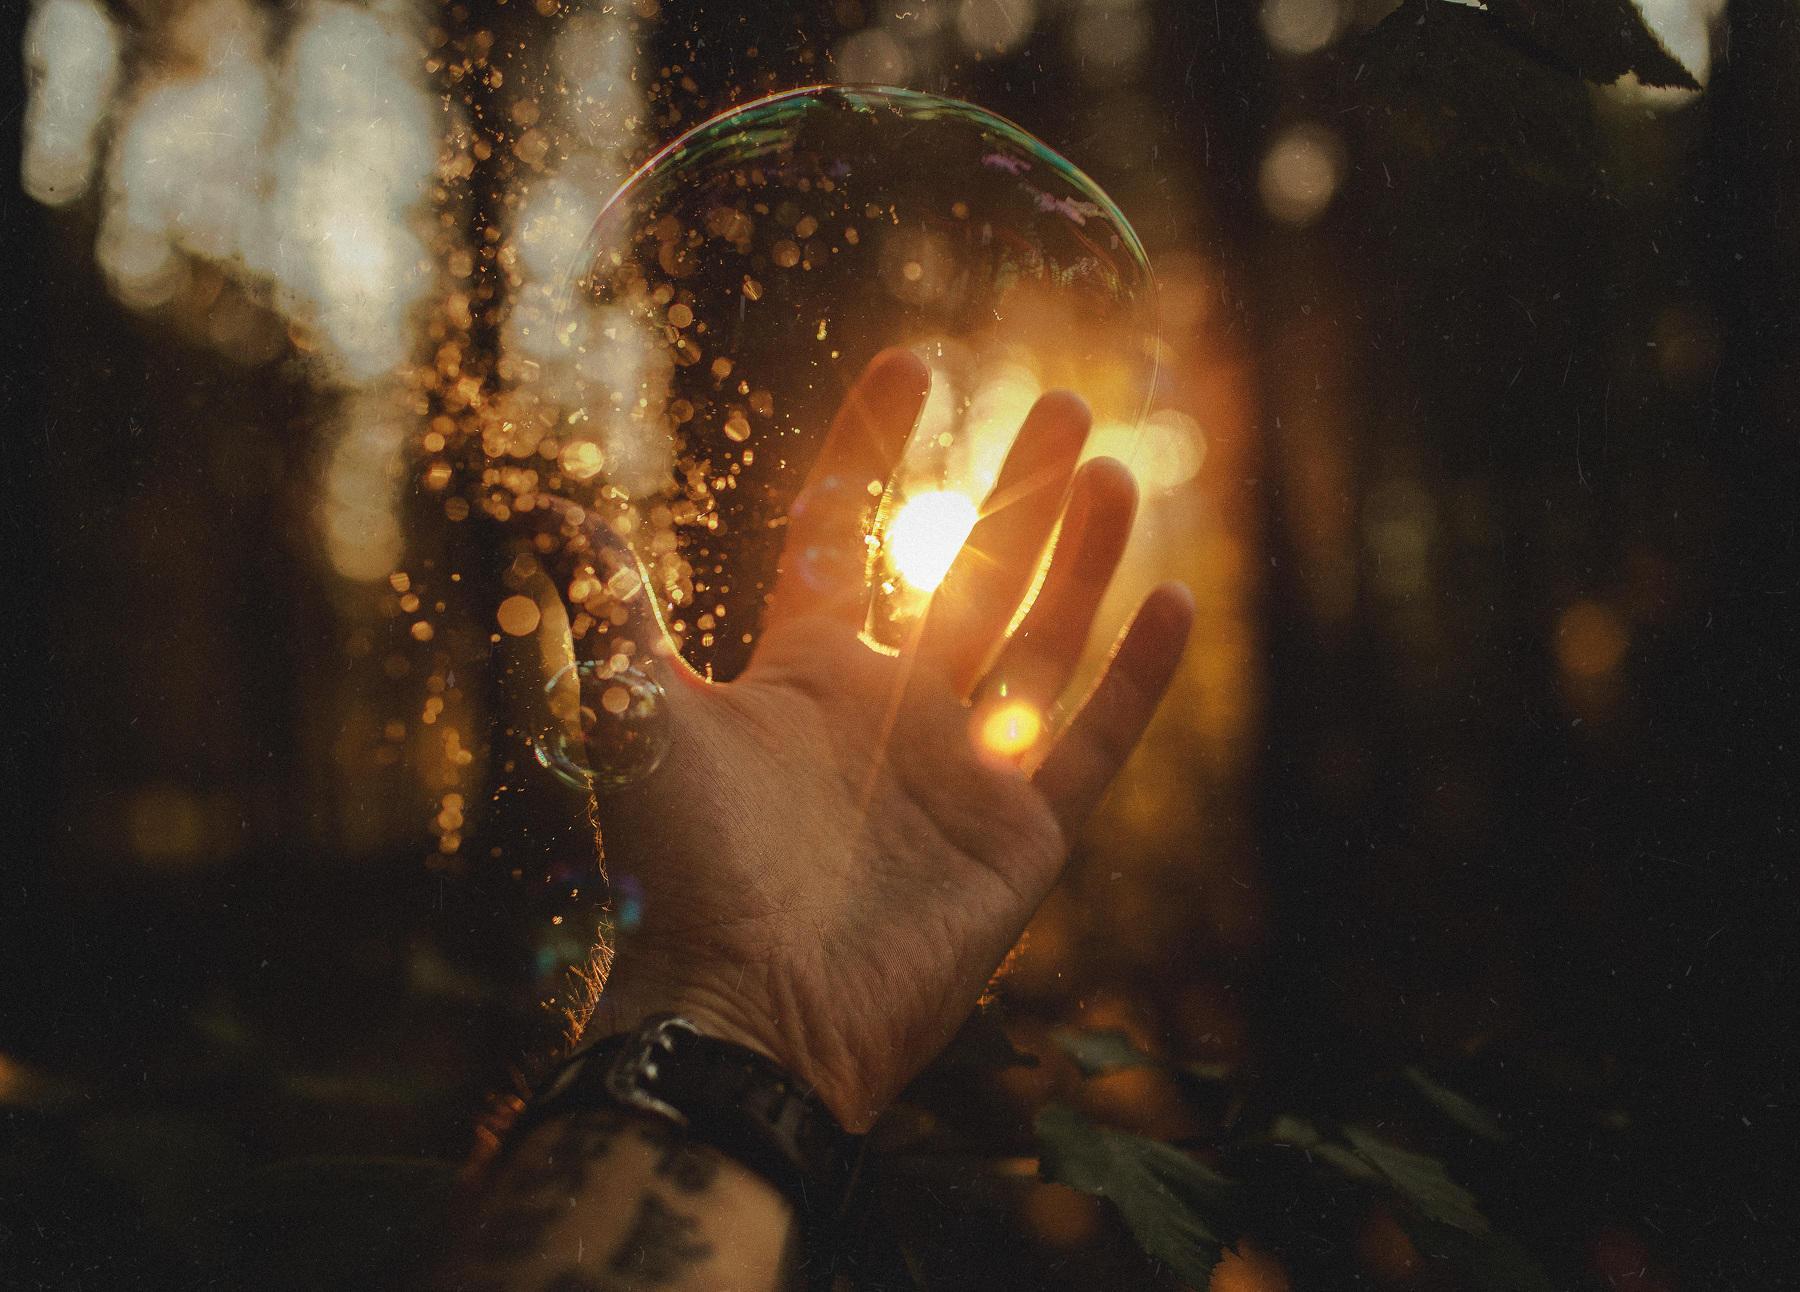 Чудо в руках картинки